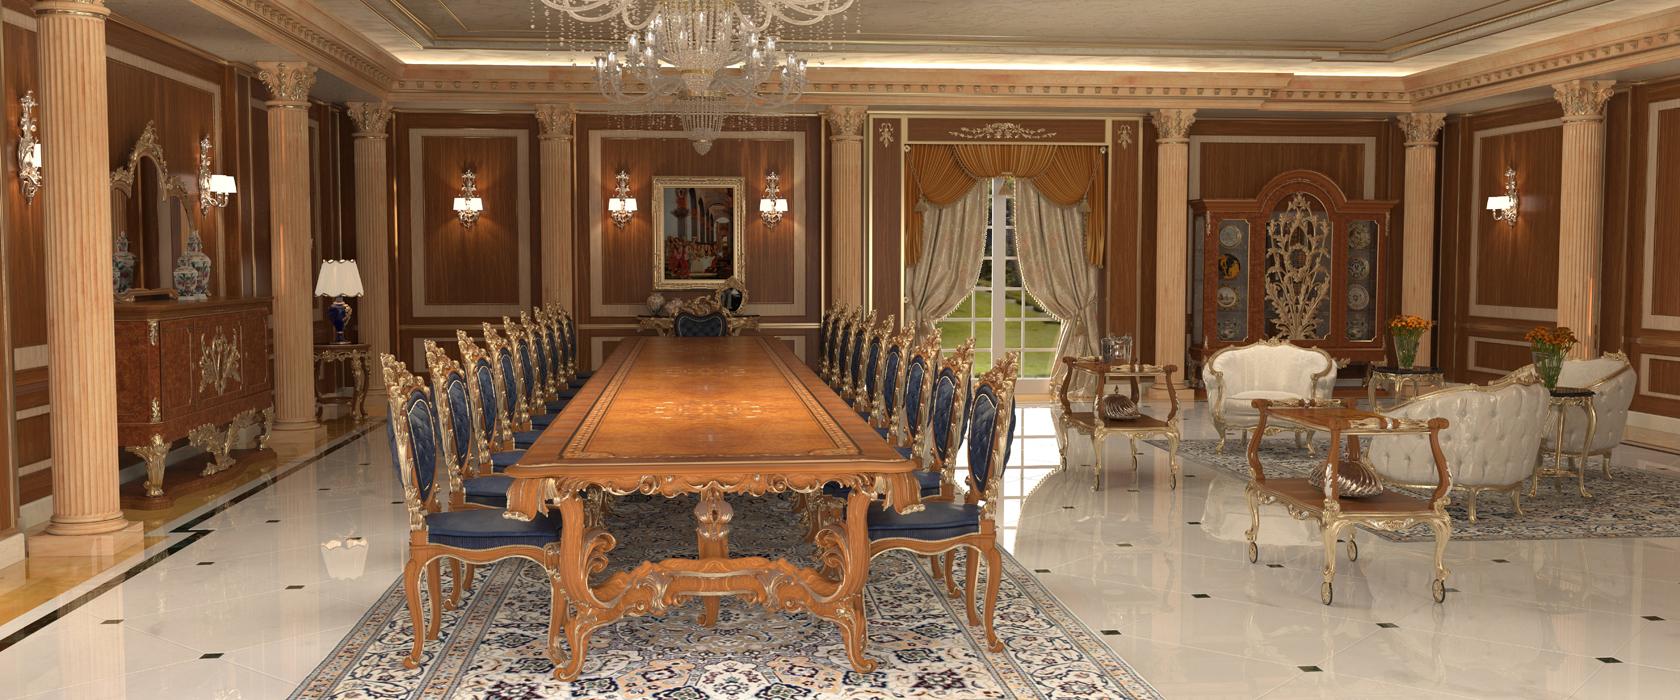 Arredamento per sala da pranzo il lusso siede a tavola for Arredamento per sala da pranzo